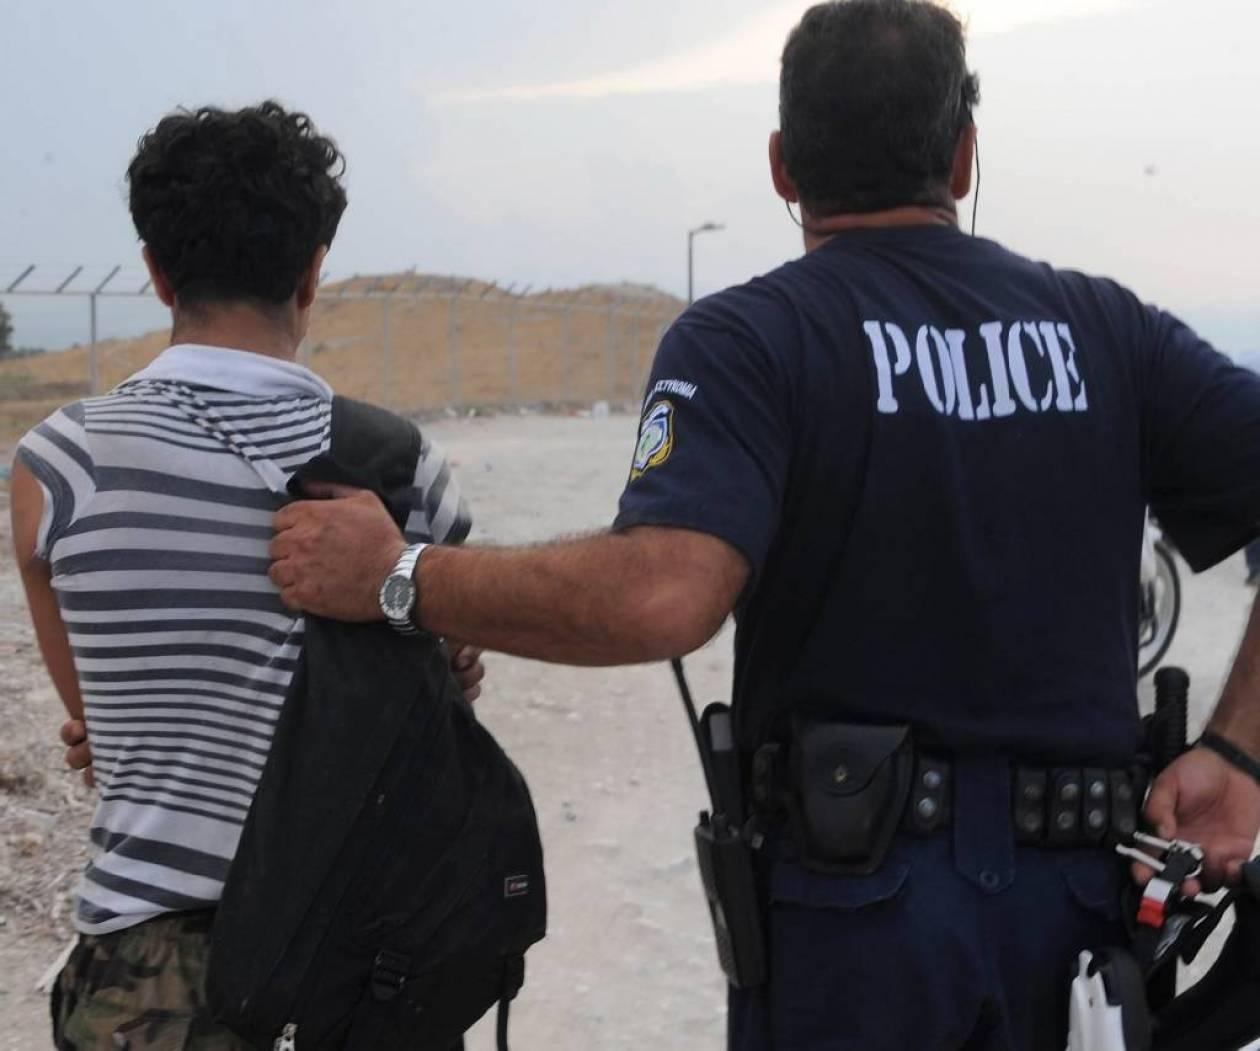 Περίπου 1.000 αλλοδαποί επαναπατρίστηκαν μέσα σε δέκα μήνες